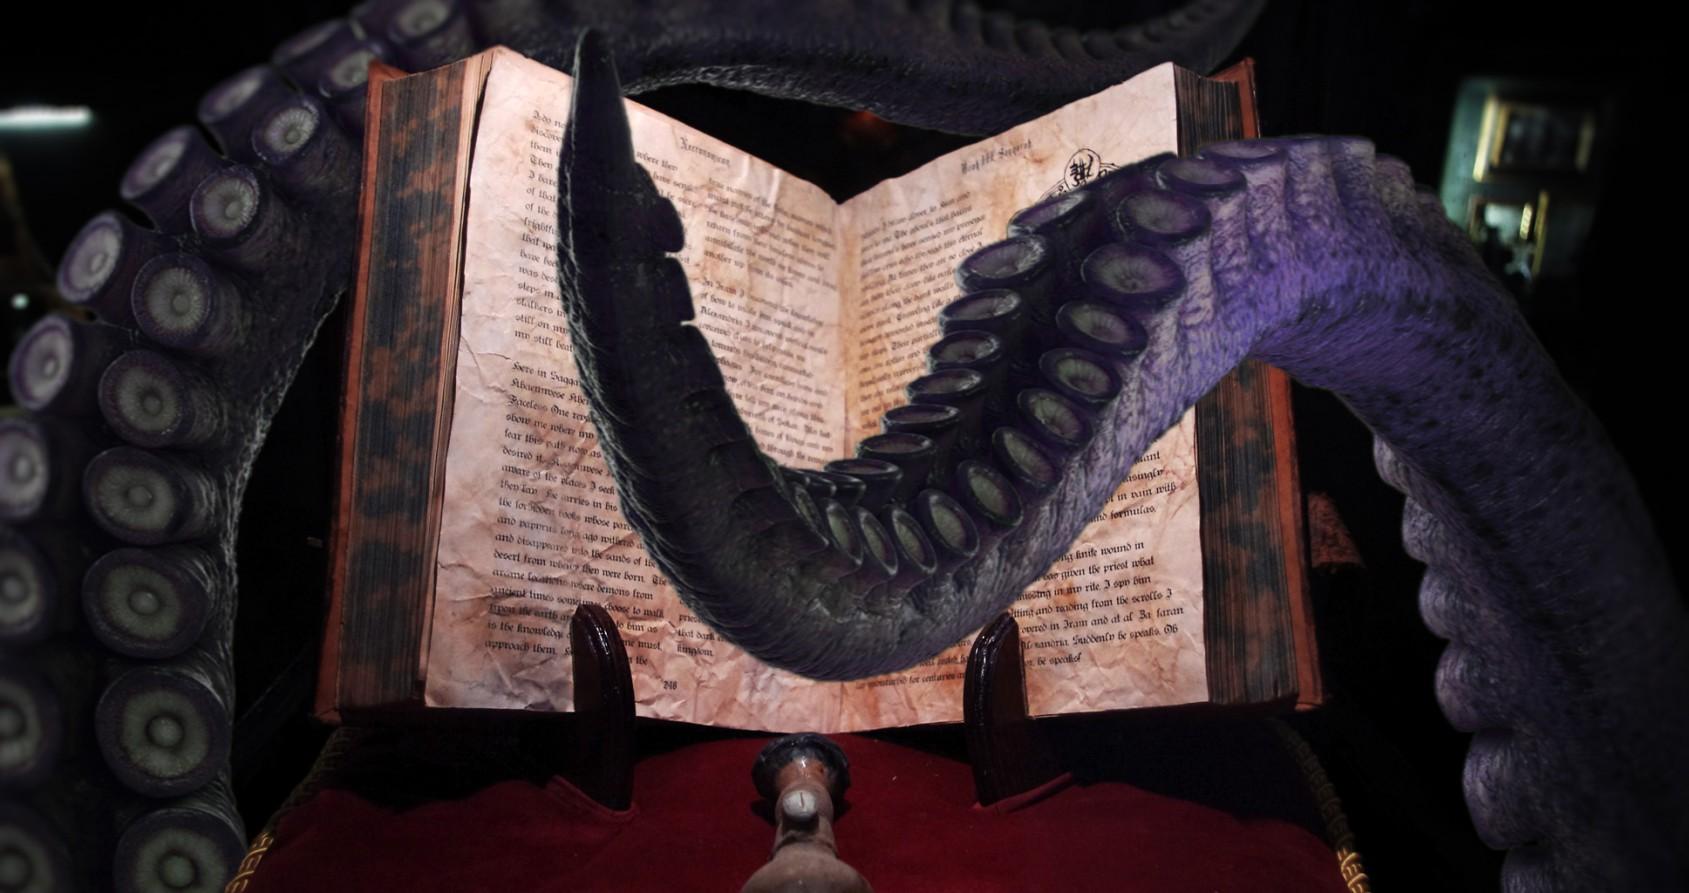 38 histoires de sorcellerie bien réelles à faire pâlir Lord Voldemort